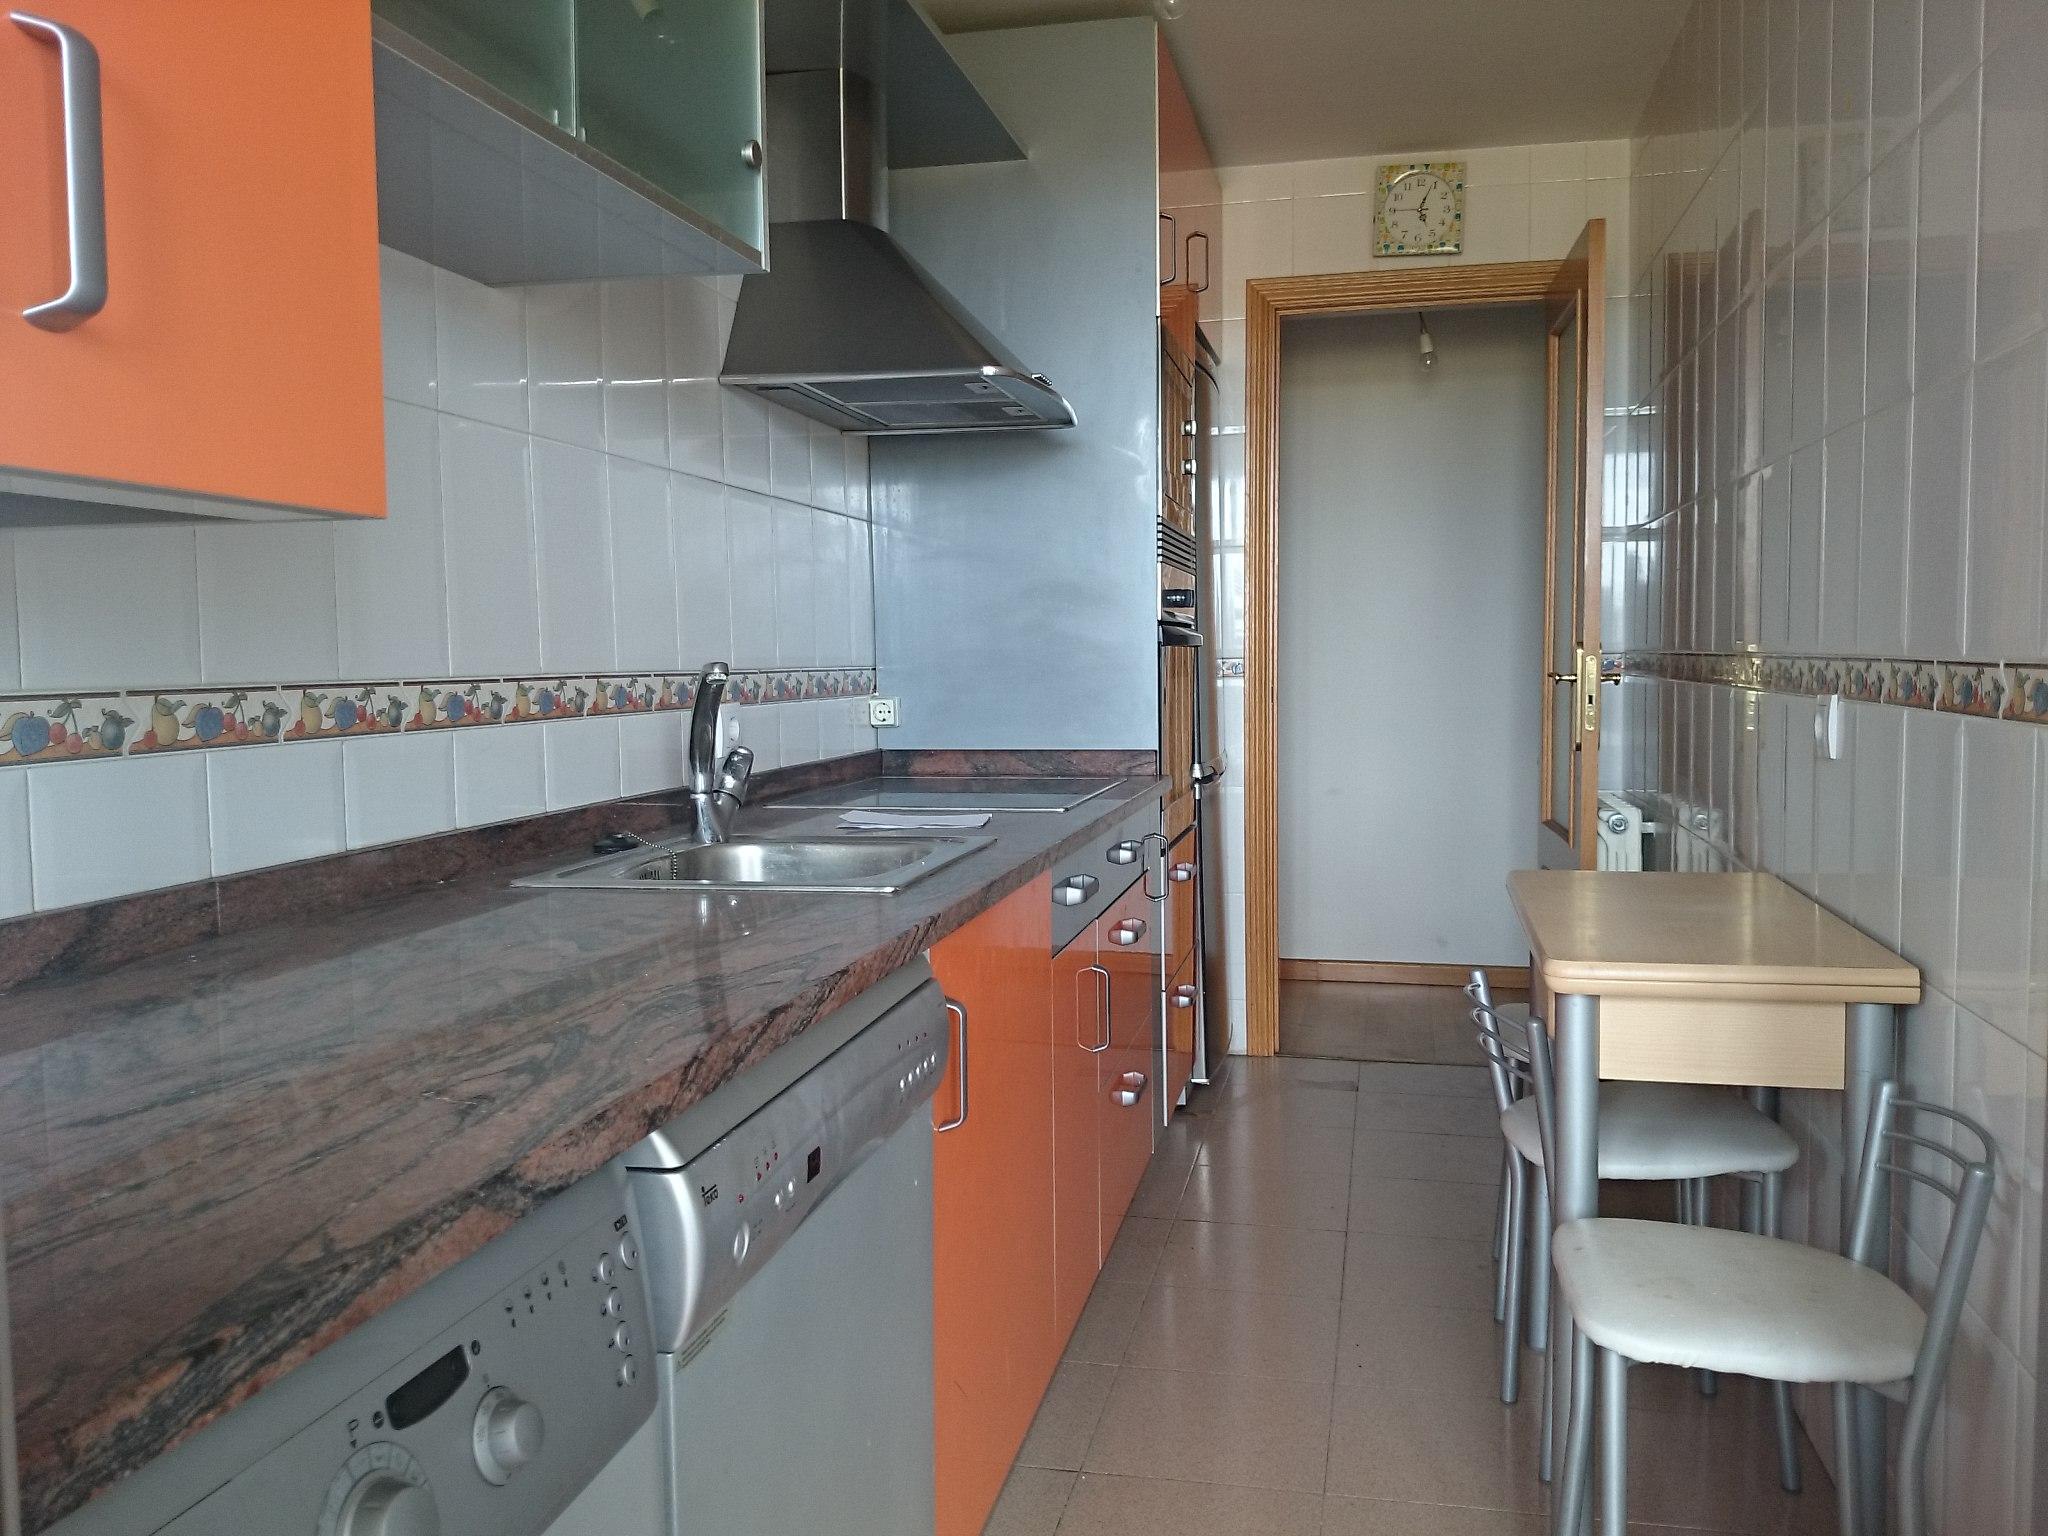 Piso en venta en San Blas Peña Trevinca, Zamora, Zamora, Calle Cañaveral, 98.000 €, 2 habitaciones, 1 baño, 77 m2